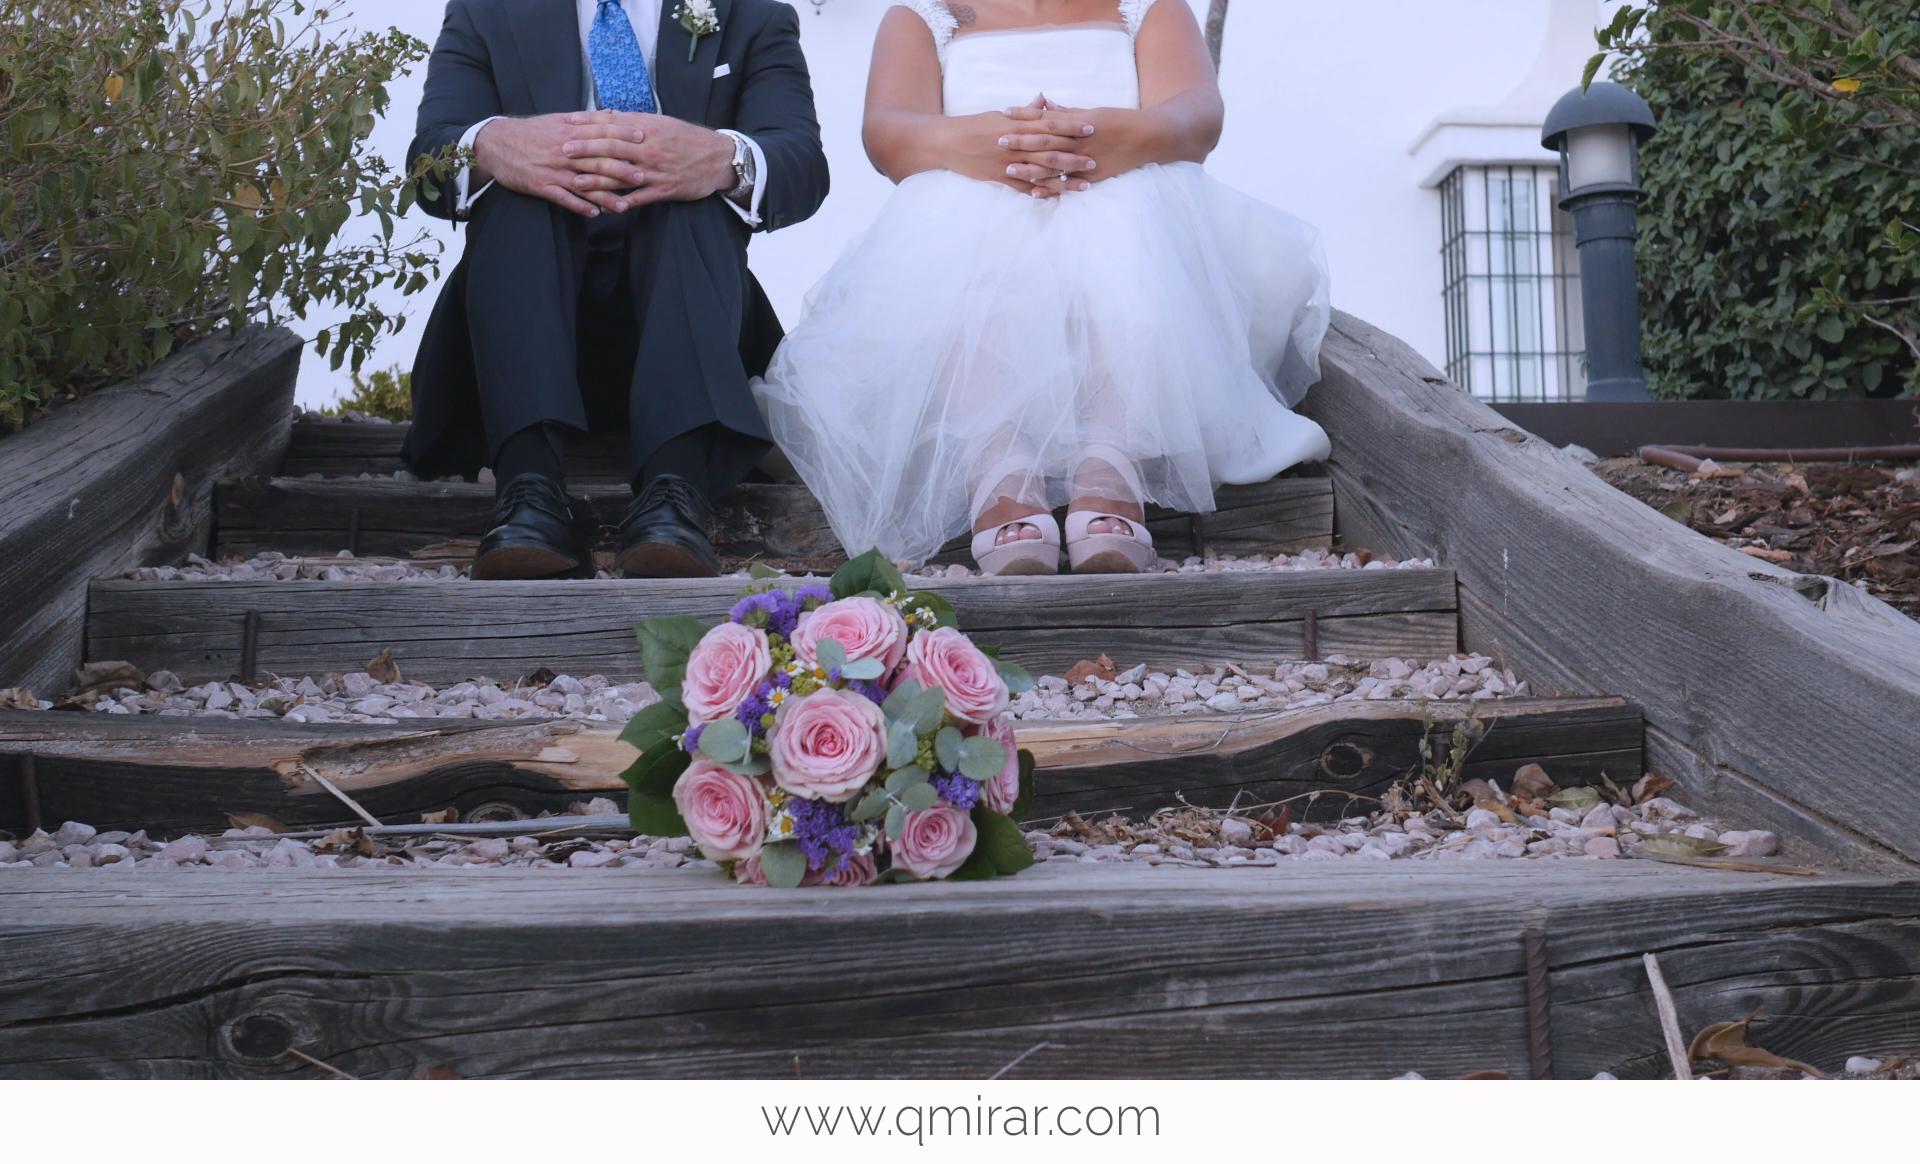 qmirar,videos,bodas,boda,wedding,filmaker,silvia oliveros